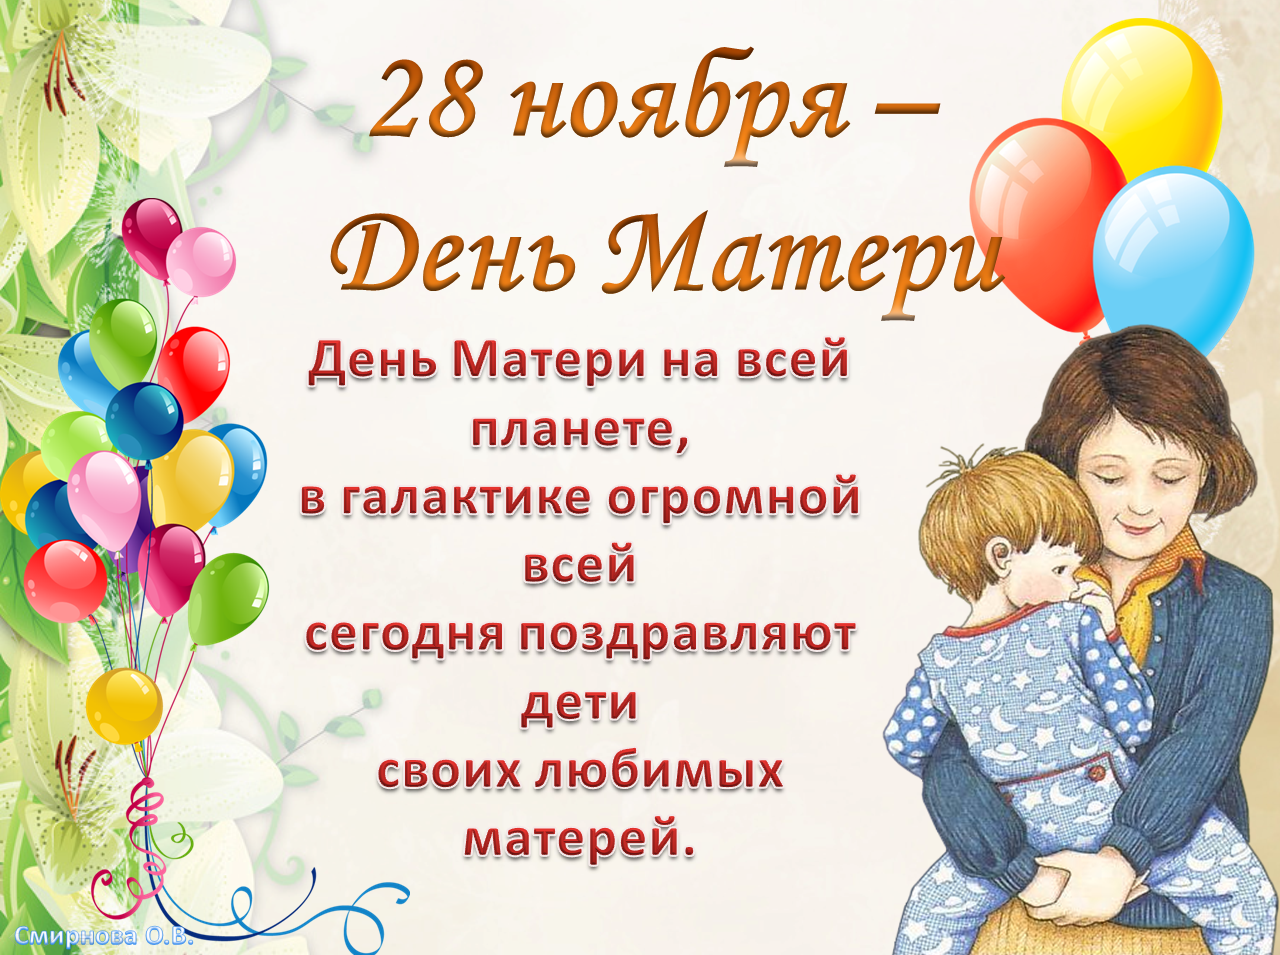 Картинки, картинка с днем матери с поздравлением родителям мамам